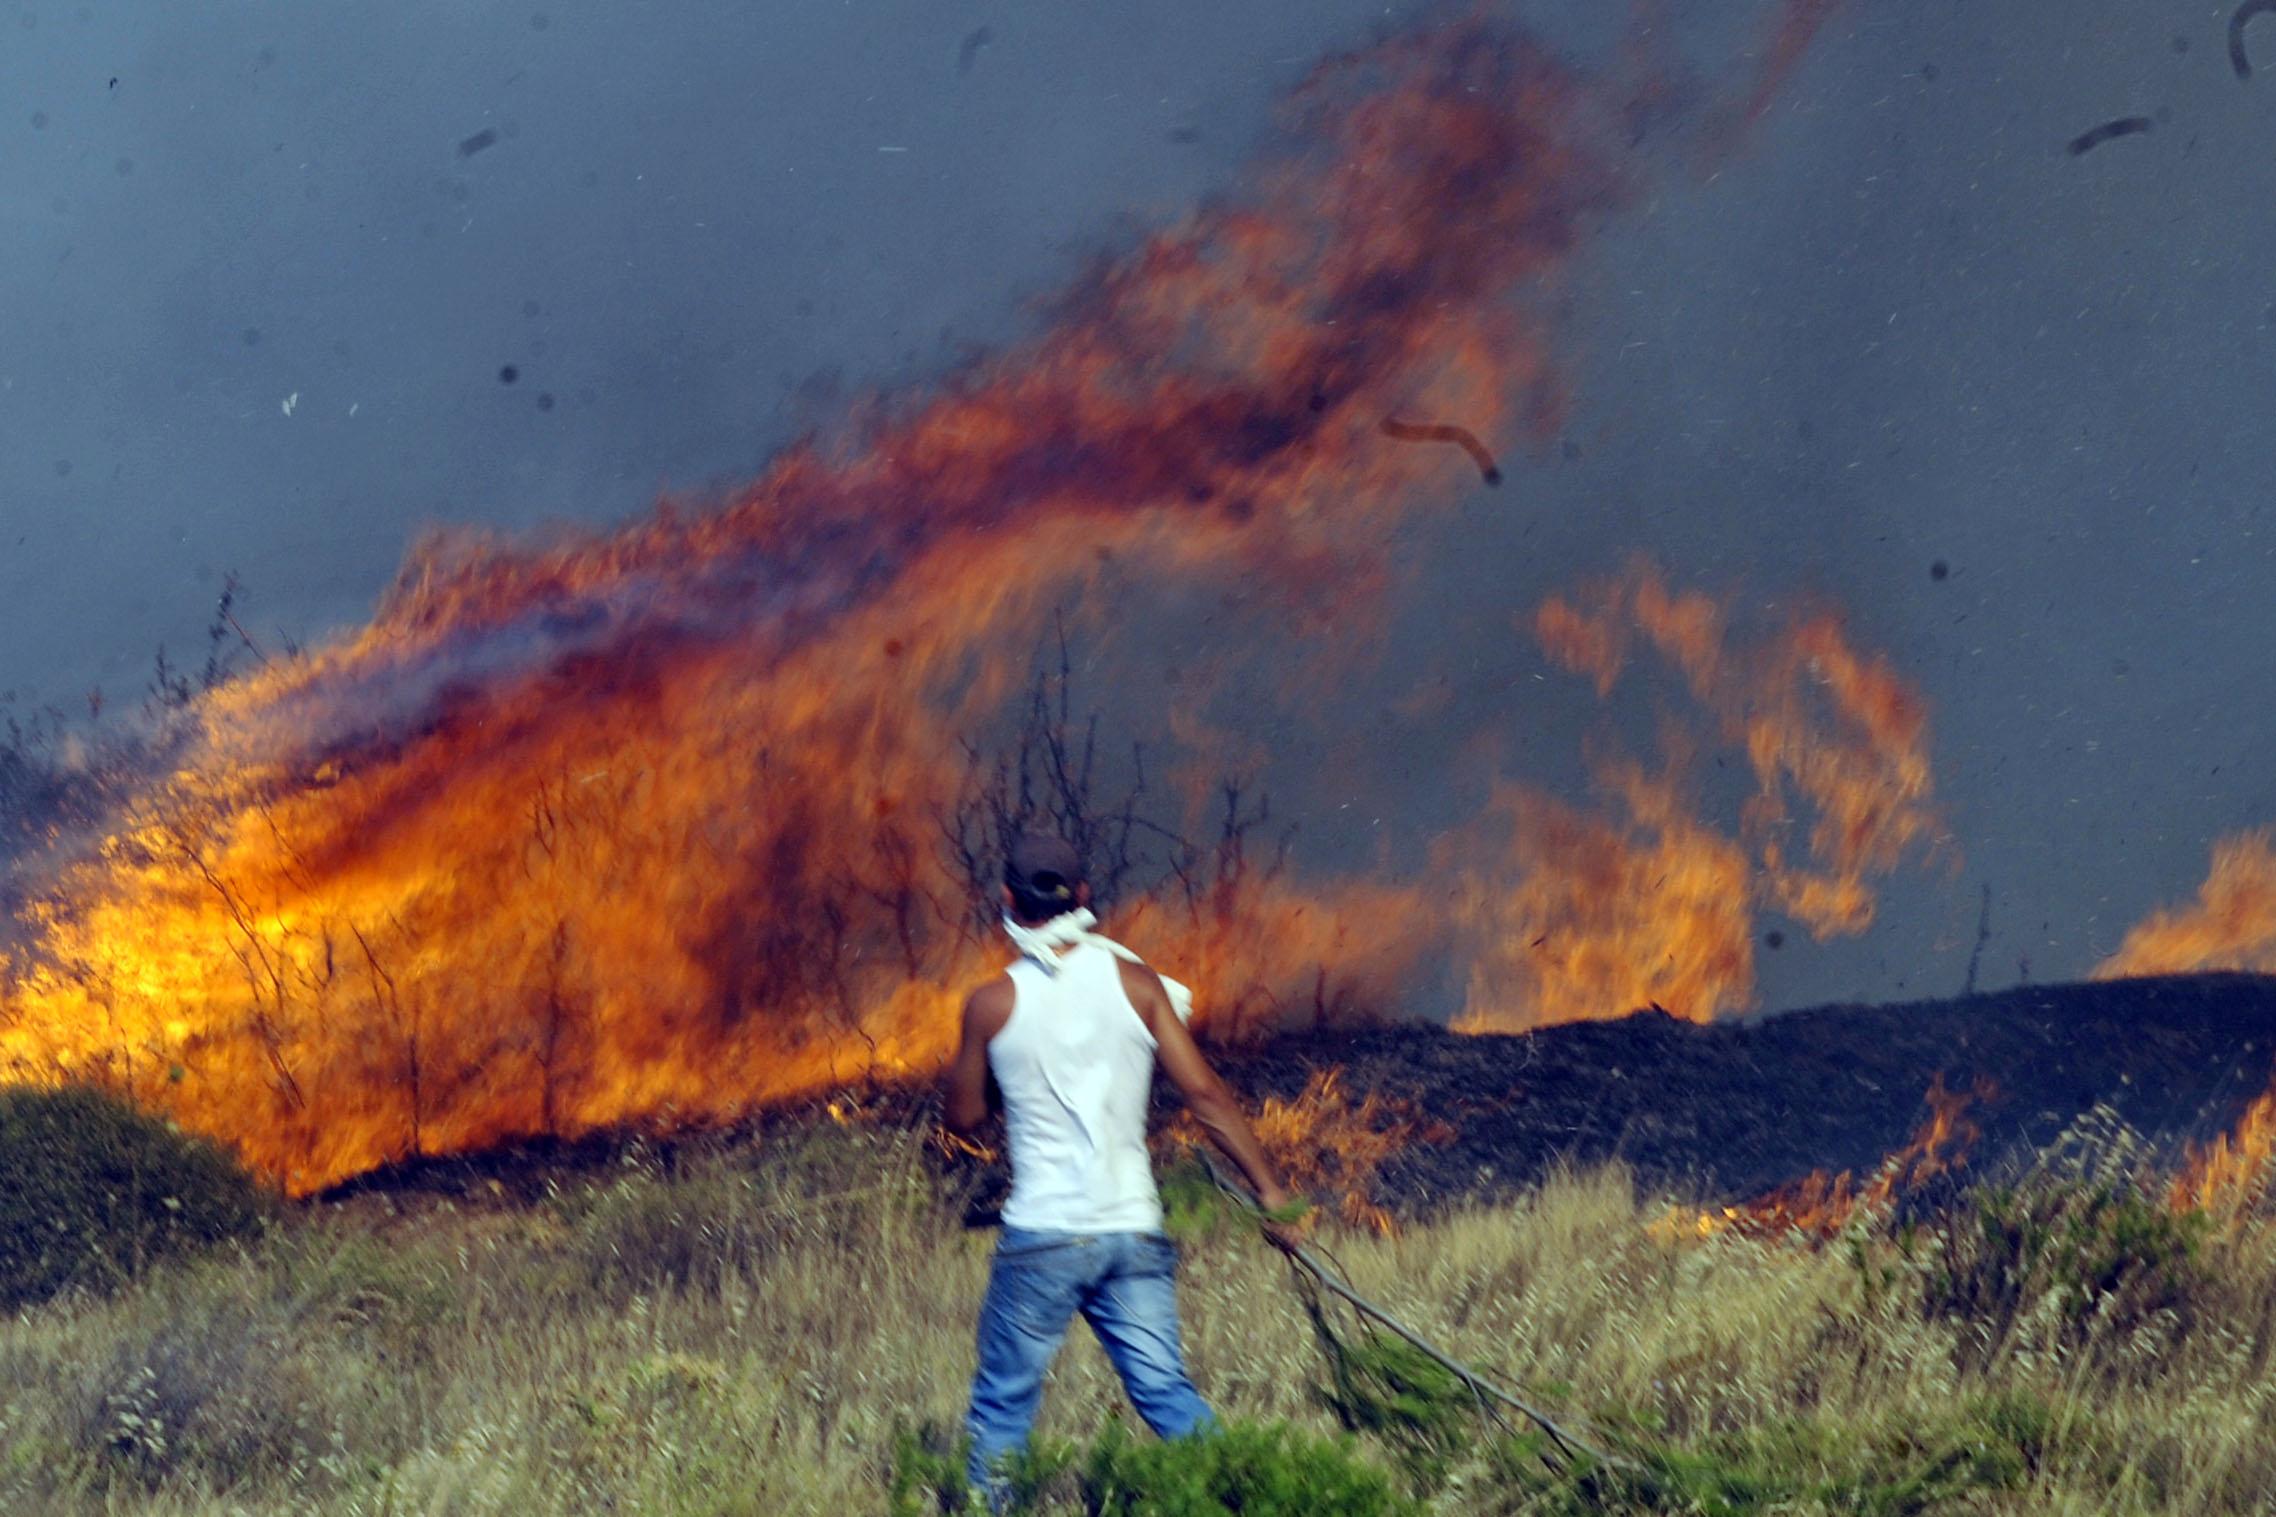 Ξέσπασαν άλλες τρεις πυρκαγιές ~ ΜΙΑ ΒΡΟΧΗ ΘΑ ΤΟΥΣ ΣΩΣΕΙ...